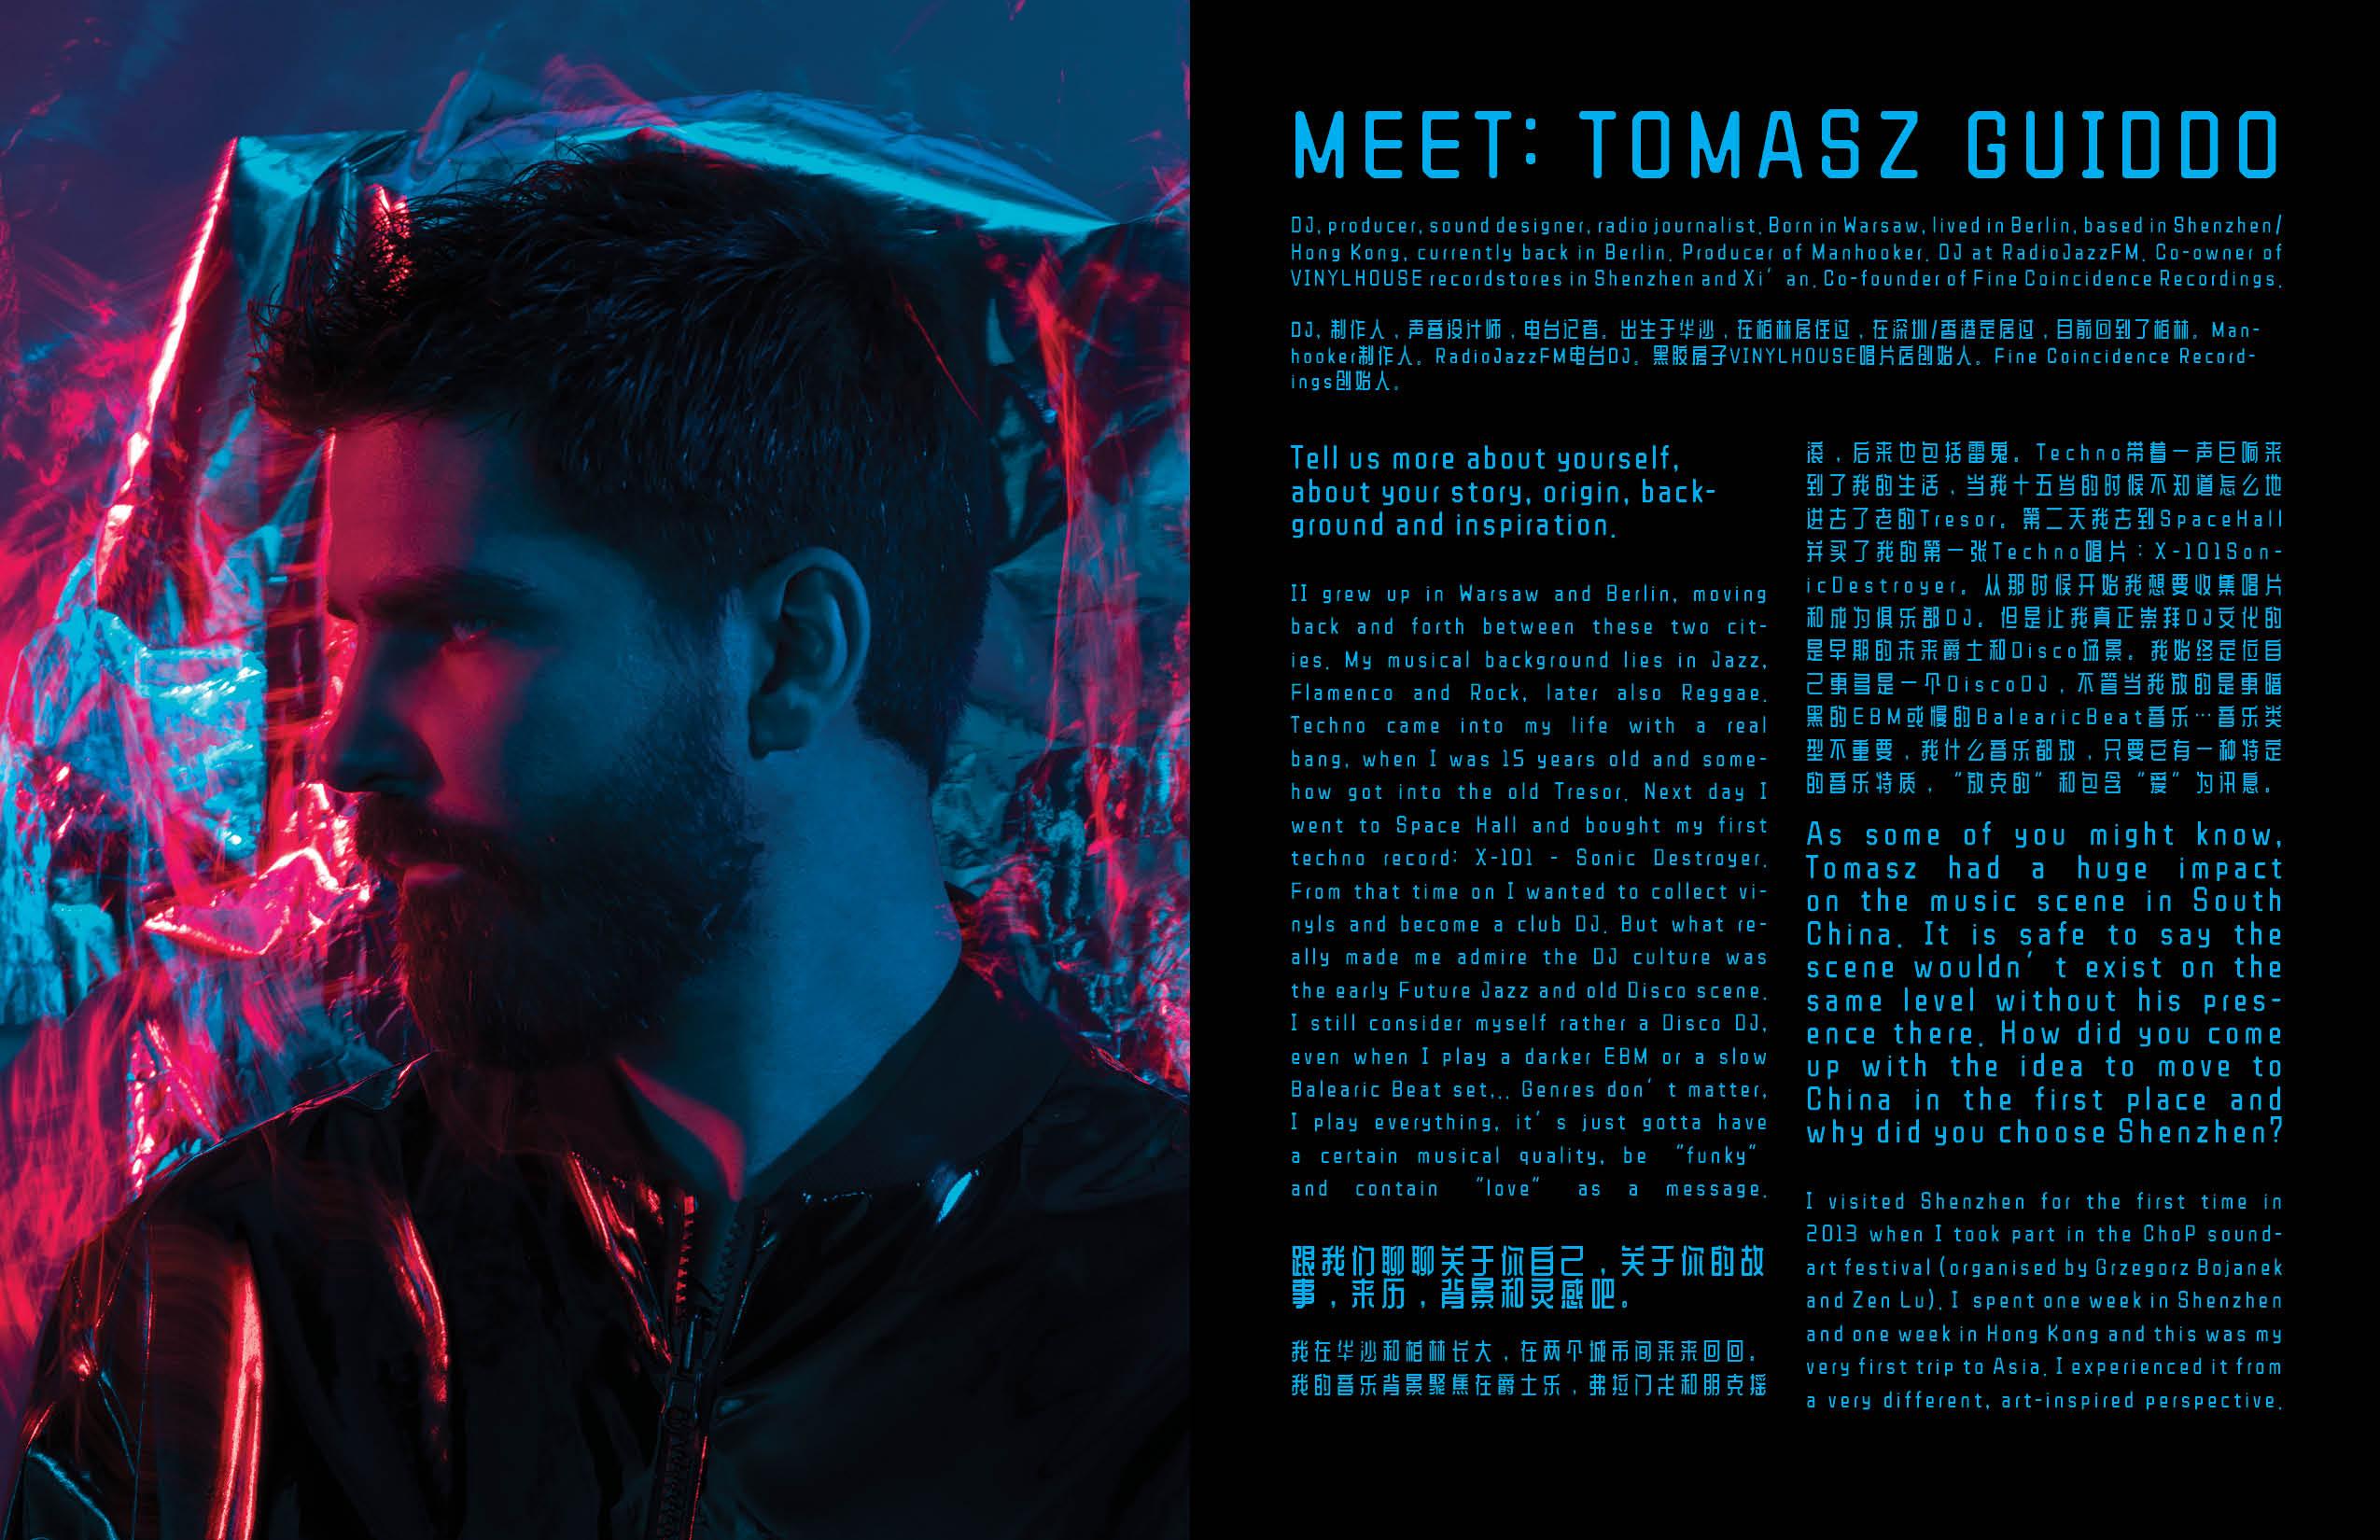 TOMASZ GUIDDO interview and video/photos by Grzegorz Bacinski & Izabella Chrobok from KEYI Studio